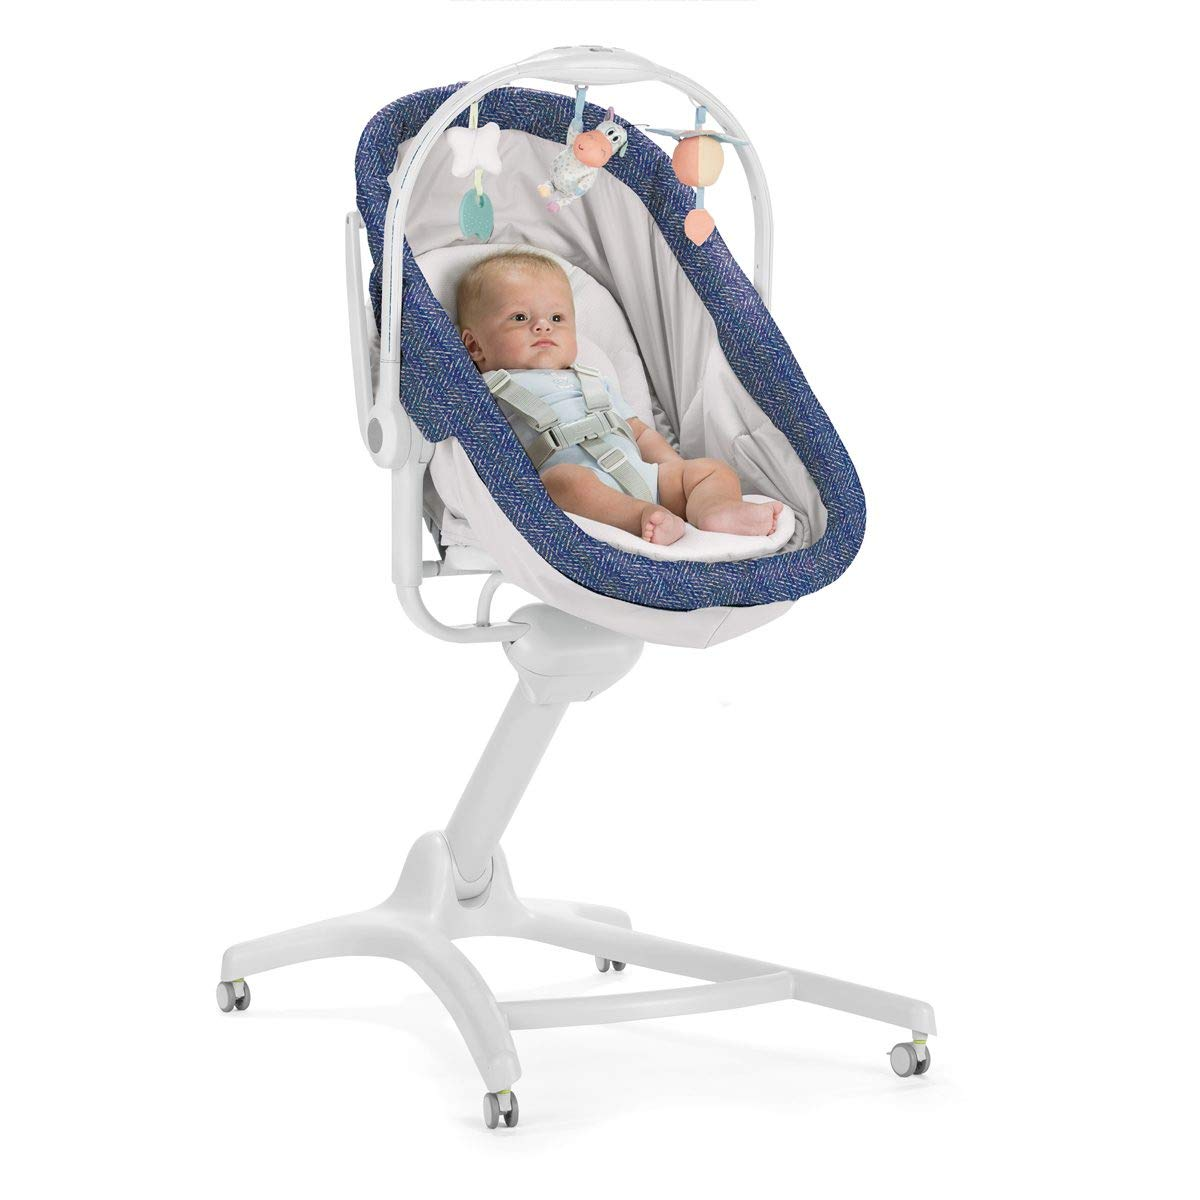 von 0-6 Monate Hochstuhl erster Stuhl spectrum von 6-36 Monate Chicco Baby Hug 4 In 1 Stubenwagen Liegesessel